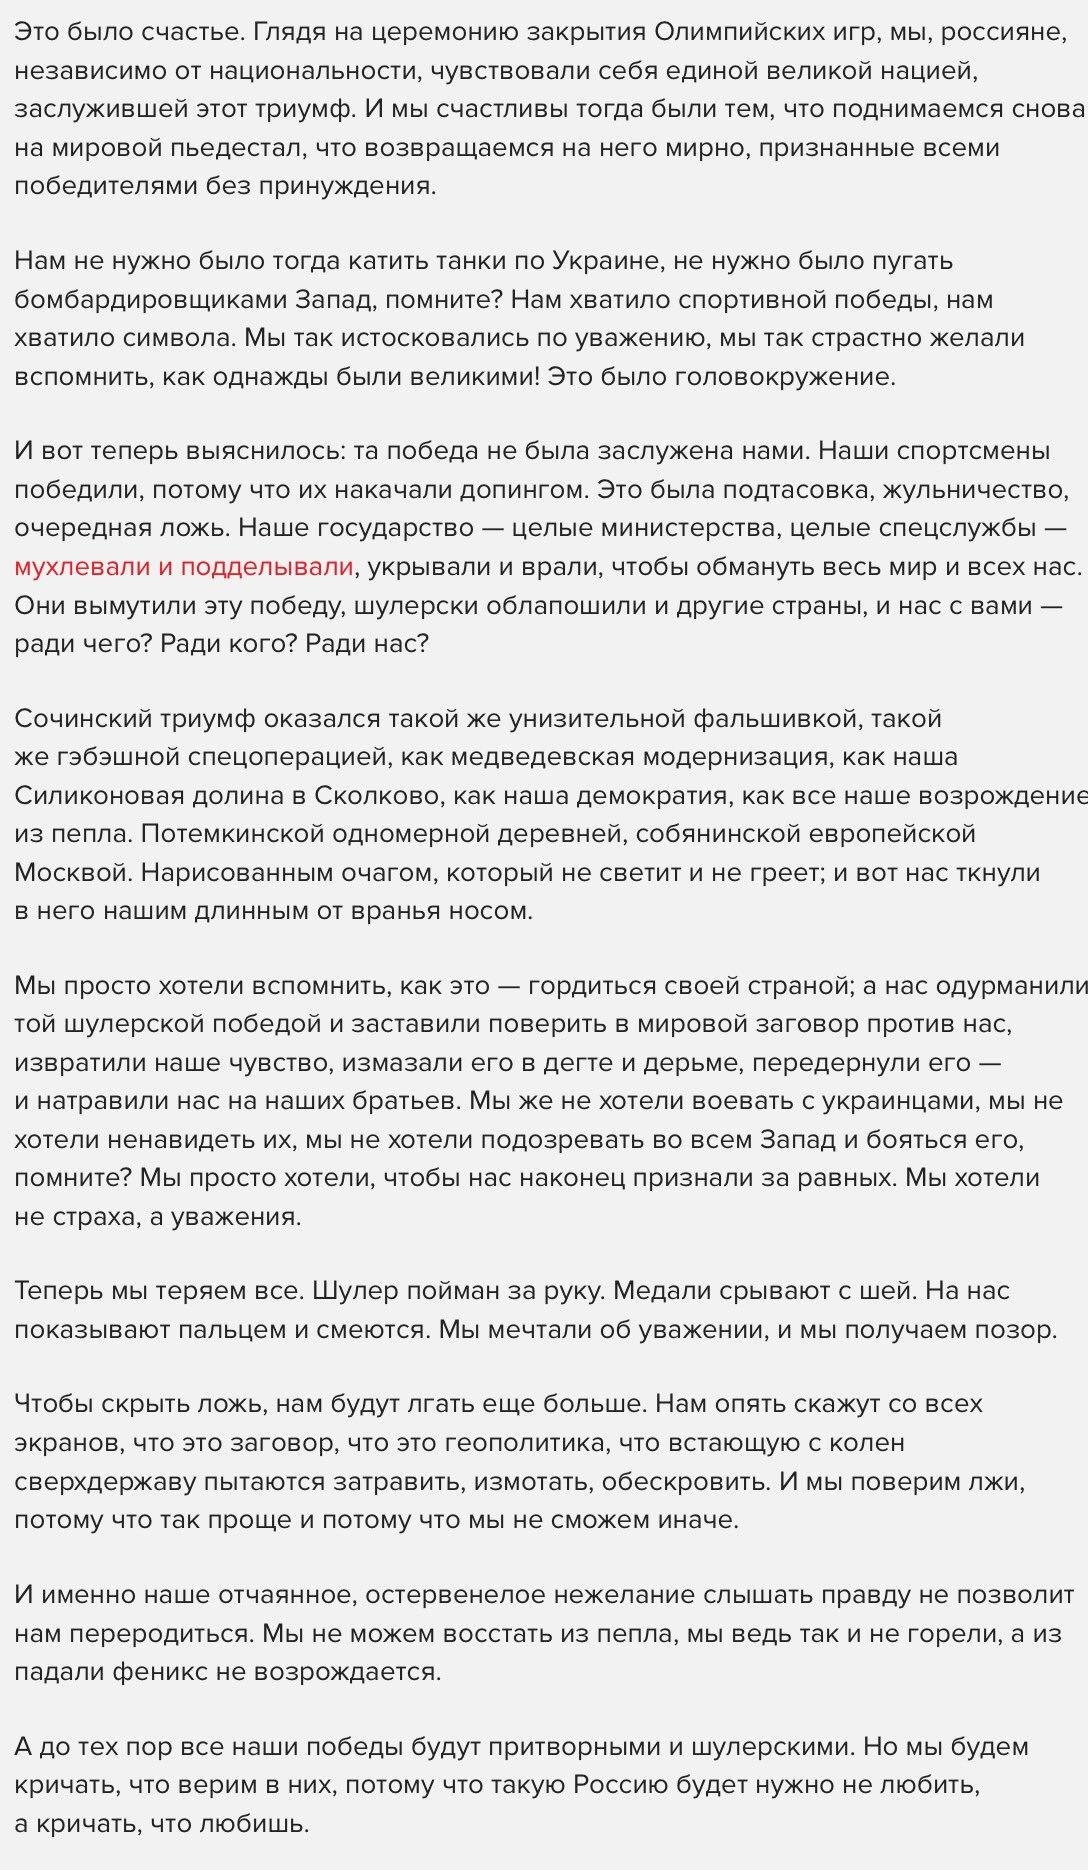 """Следователи изучают """"российский след"""" в убийстве Шеремета, - МВД - Цензор.НЕТ 7896"""